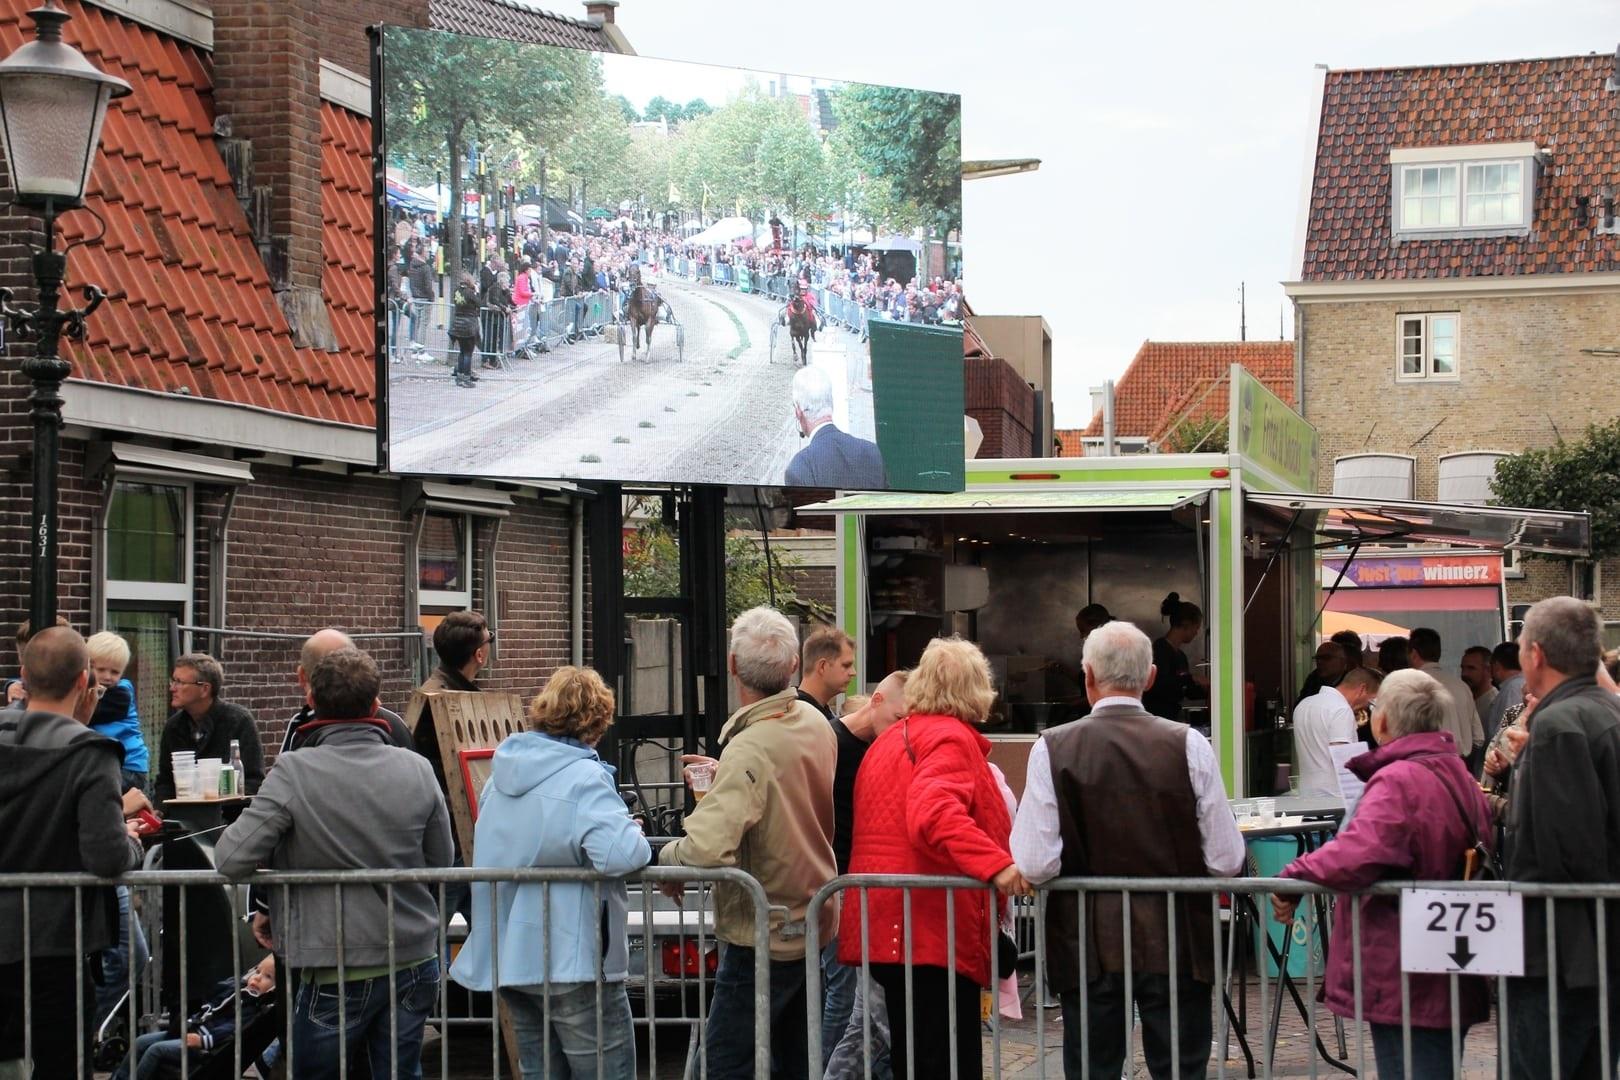 Bezoekers van de harddraverij in Medemblik volgen de hele koers live en op scherm. (Foto: aangeleverd)